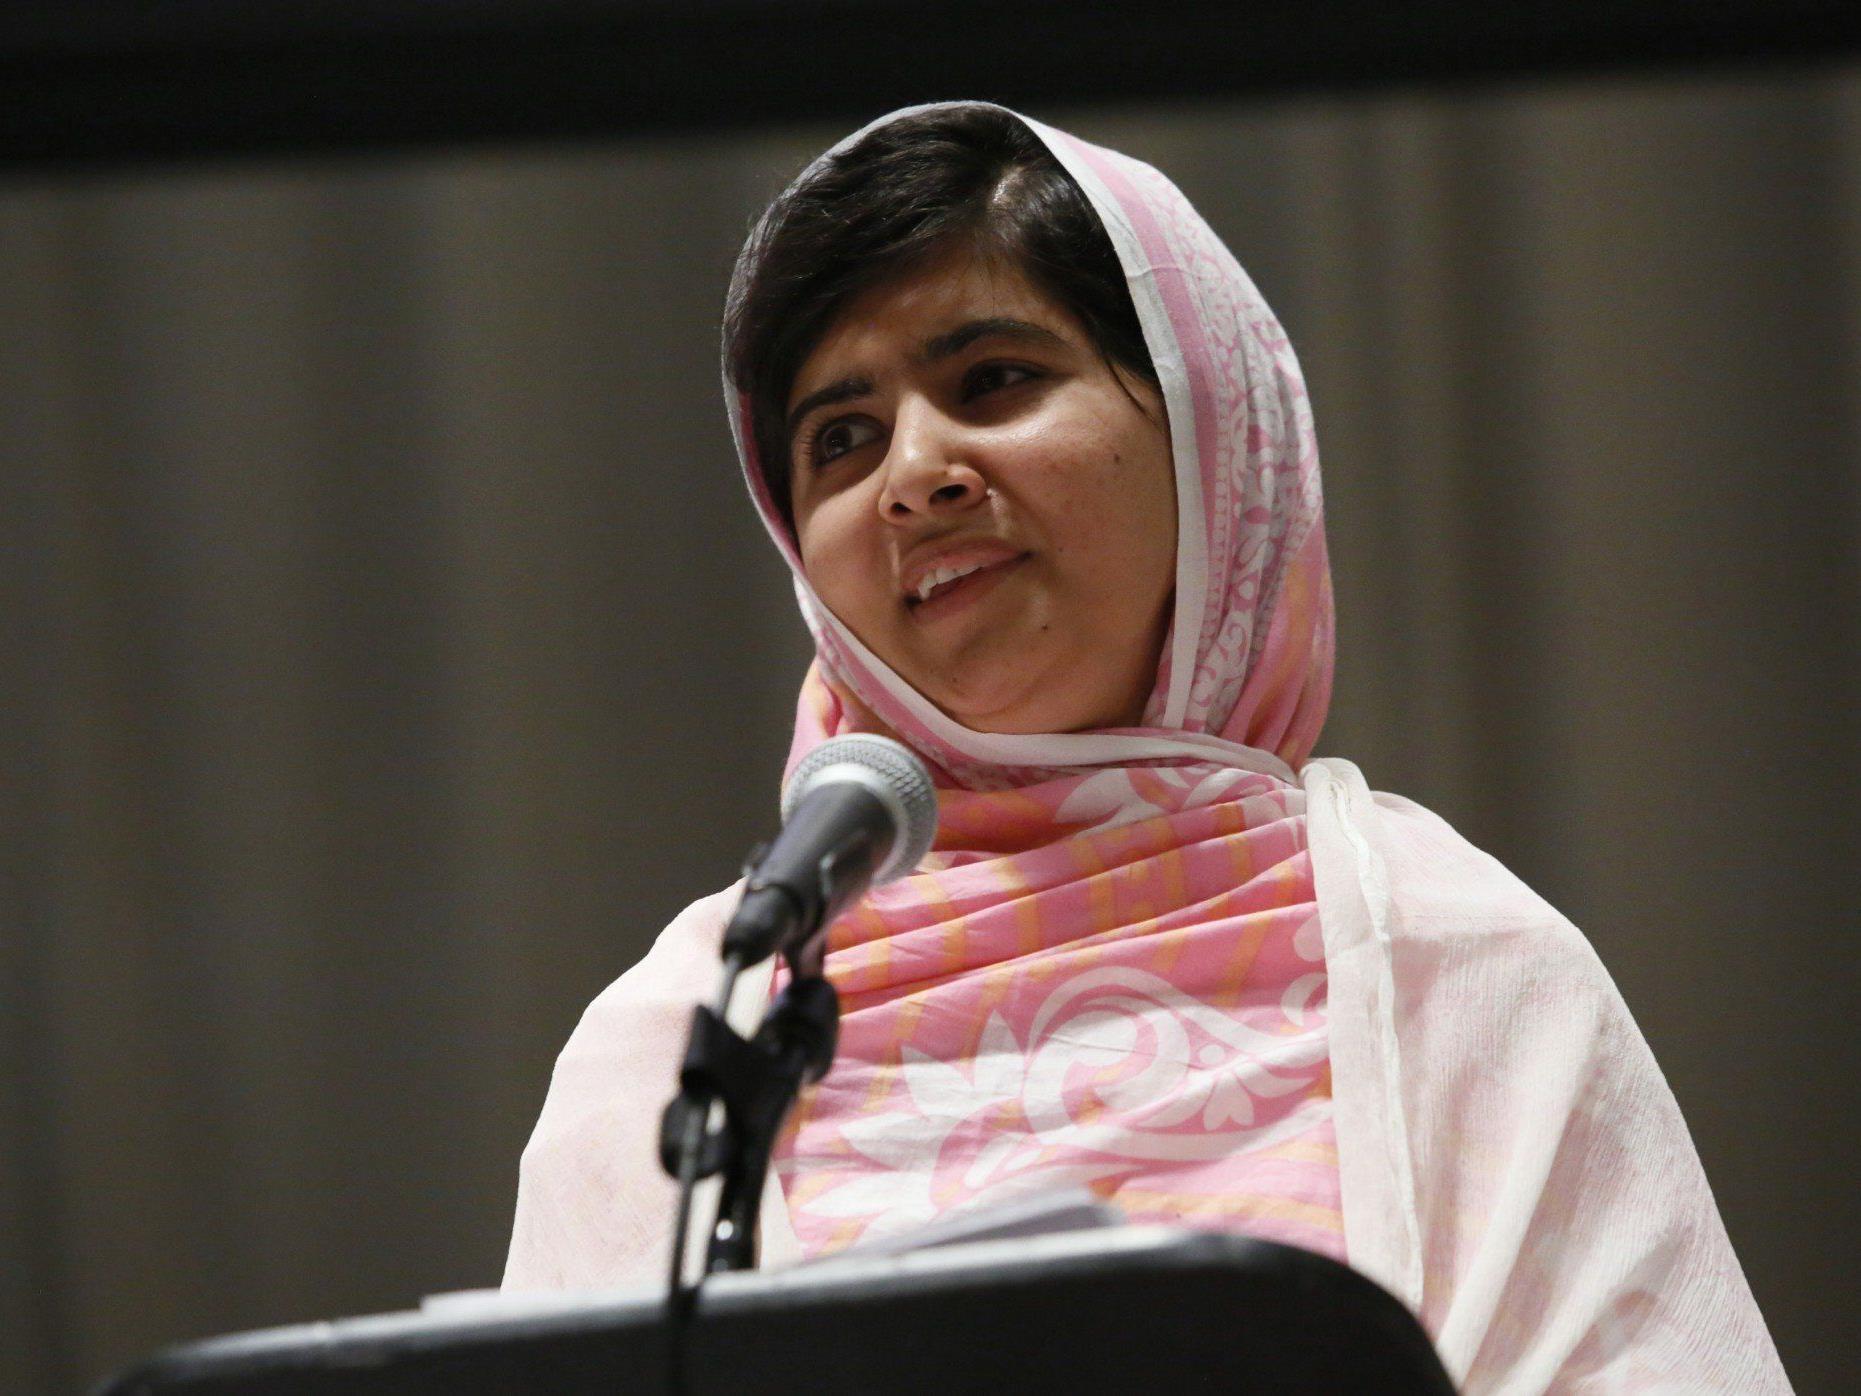 Die Pakistanerin Malala möchte in die Politik, um sich für die Rechte der Frauen einzusetzen.